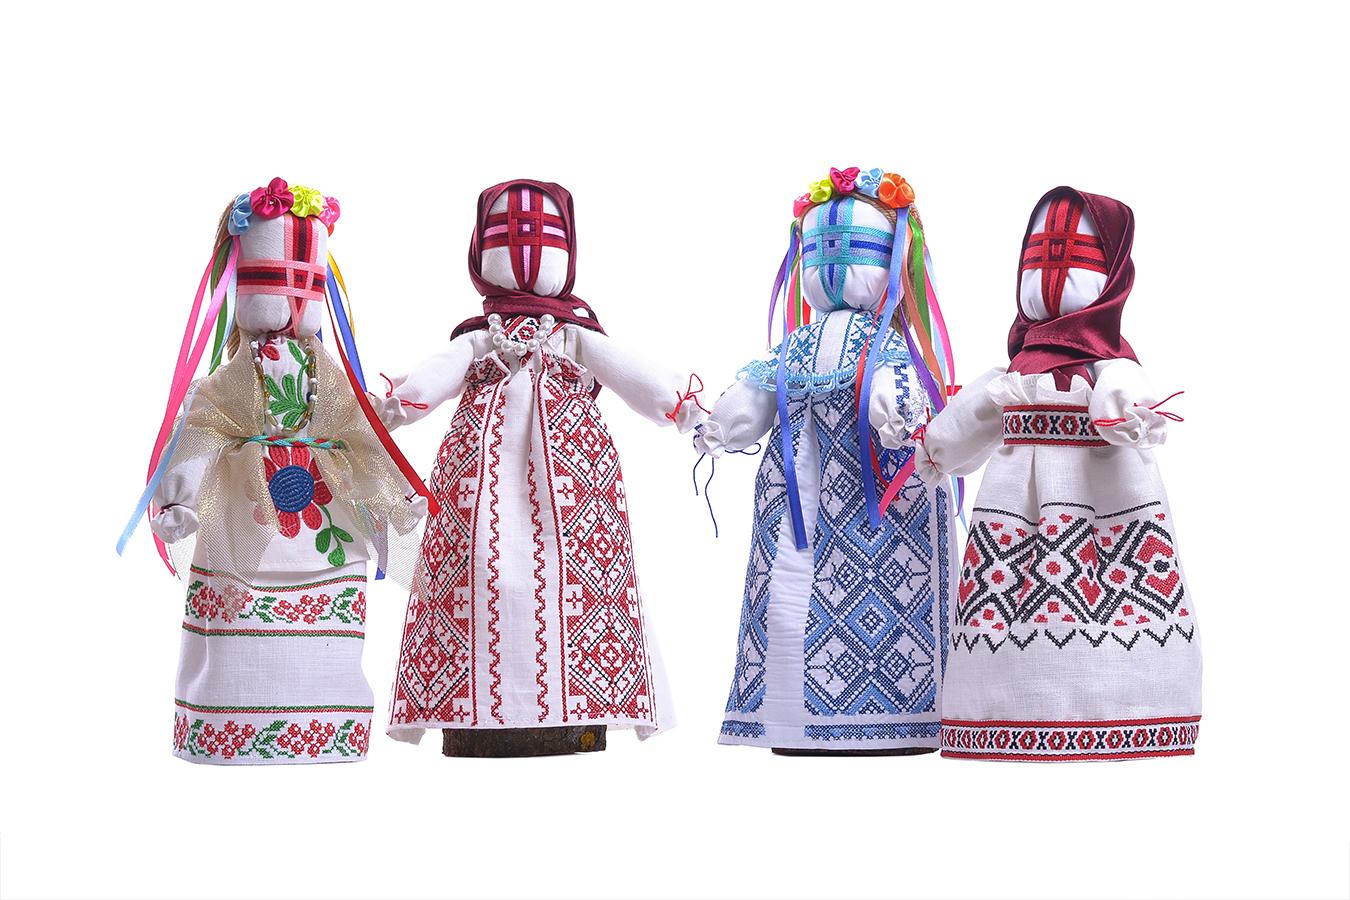 У Броварах відбудеться всеукраїнський фестиваль ляльок-мотанок - Фестиваль, виставка, Броварська міська рада - 990 DSC 7532